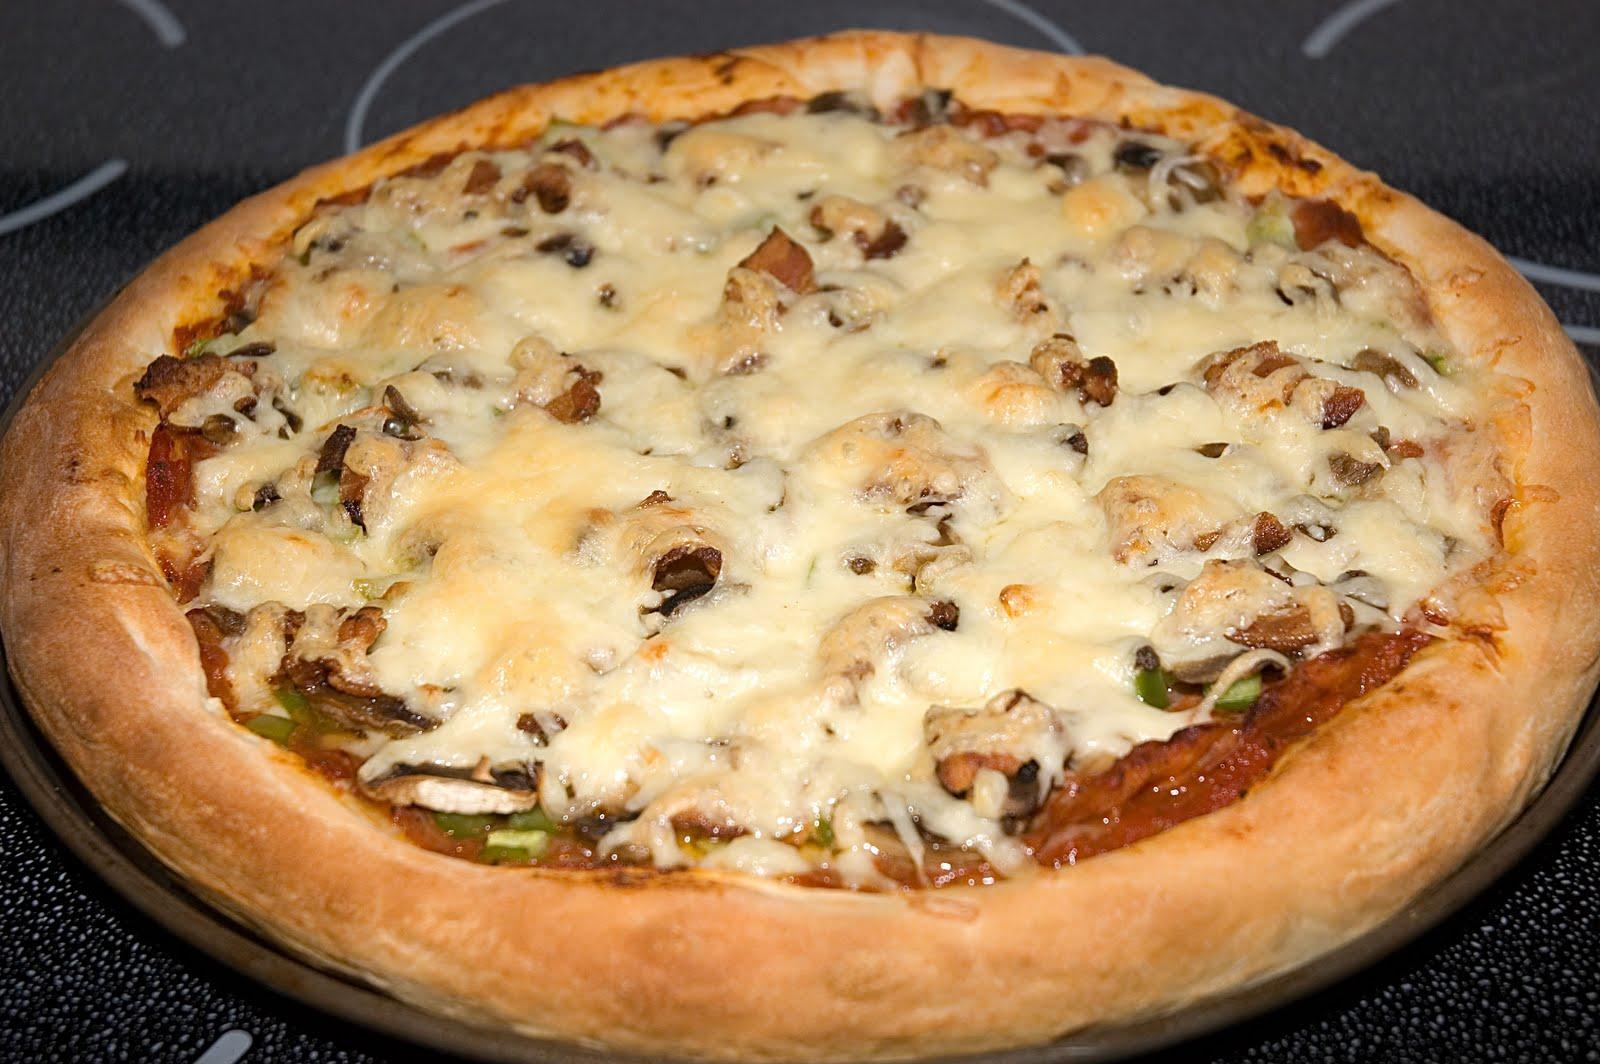 Pâte à pizza au robot boulanger de B900sc | Doumdoum se régale